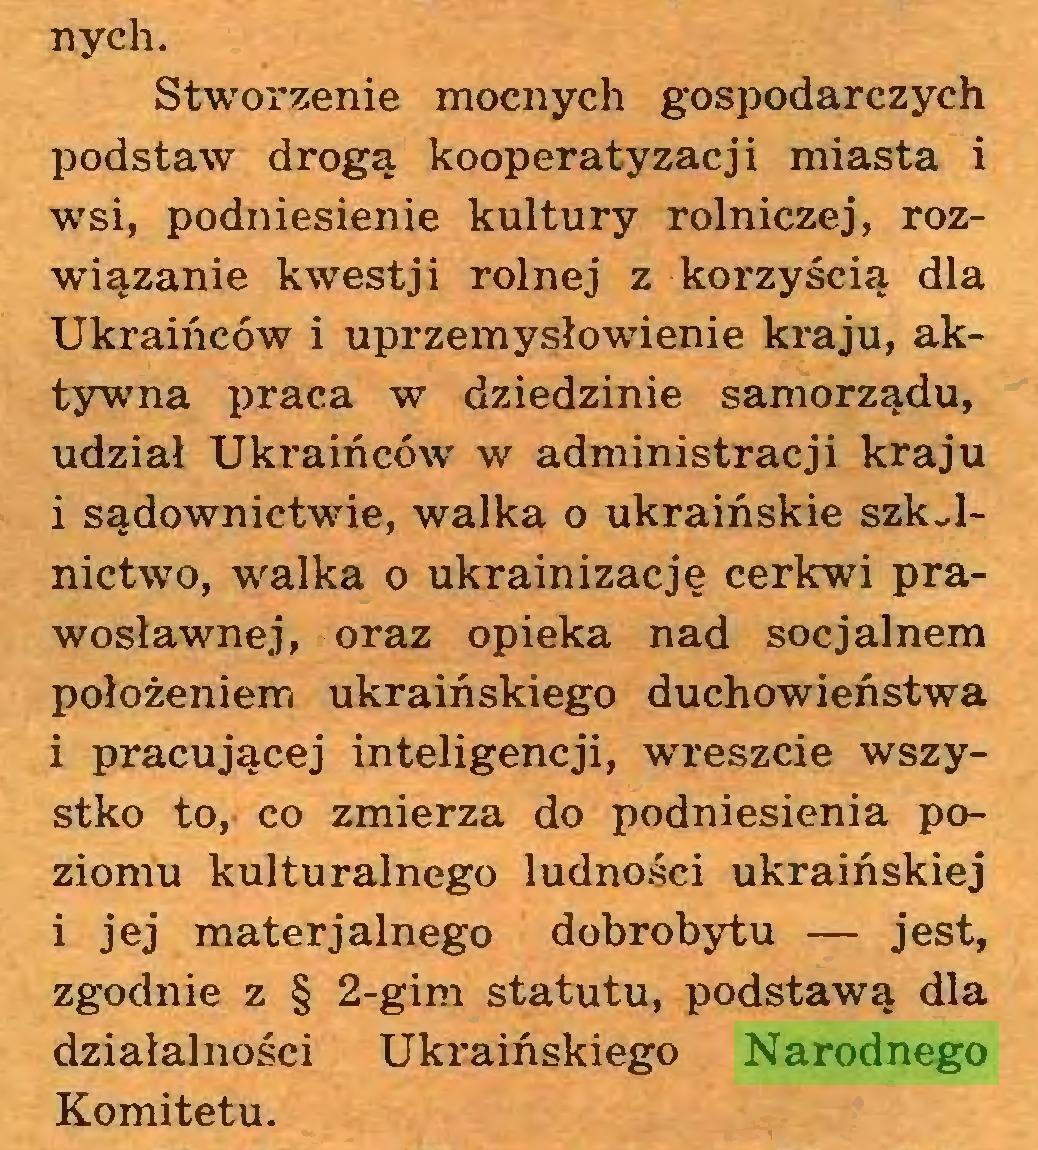 (...) nych. Stworzenie mocnych gospodarczych podstaw drogą kooperatyzacji miasta i wsi, podniesienie kultury rolniczej, rozwiązanie kwestj i rolnej z korzyścią dla Ukraińców i uprzemysłowienie kraju, aktywna praca w dziedzinie samorządu, udział Ukraińców w administracji kraju i sądownictwie, walka o ukraińskie szkolnictwo, walka o ukrainizację cerkwi prawosławnej, oraz opieka nad socjalnem położeniem ukraińskiego duchowieństwa i pracującej inteligencji, wreszcie wszystko to, co zmierza do podniesienia poziomu kulturalnego ludności ukraińskiej i jej materjalnego dobrobytu — jest, zgodnie z § 2-gim statutu, podstawą dla działalności Ukraińskiego Narodnego Komitetu...